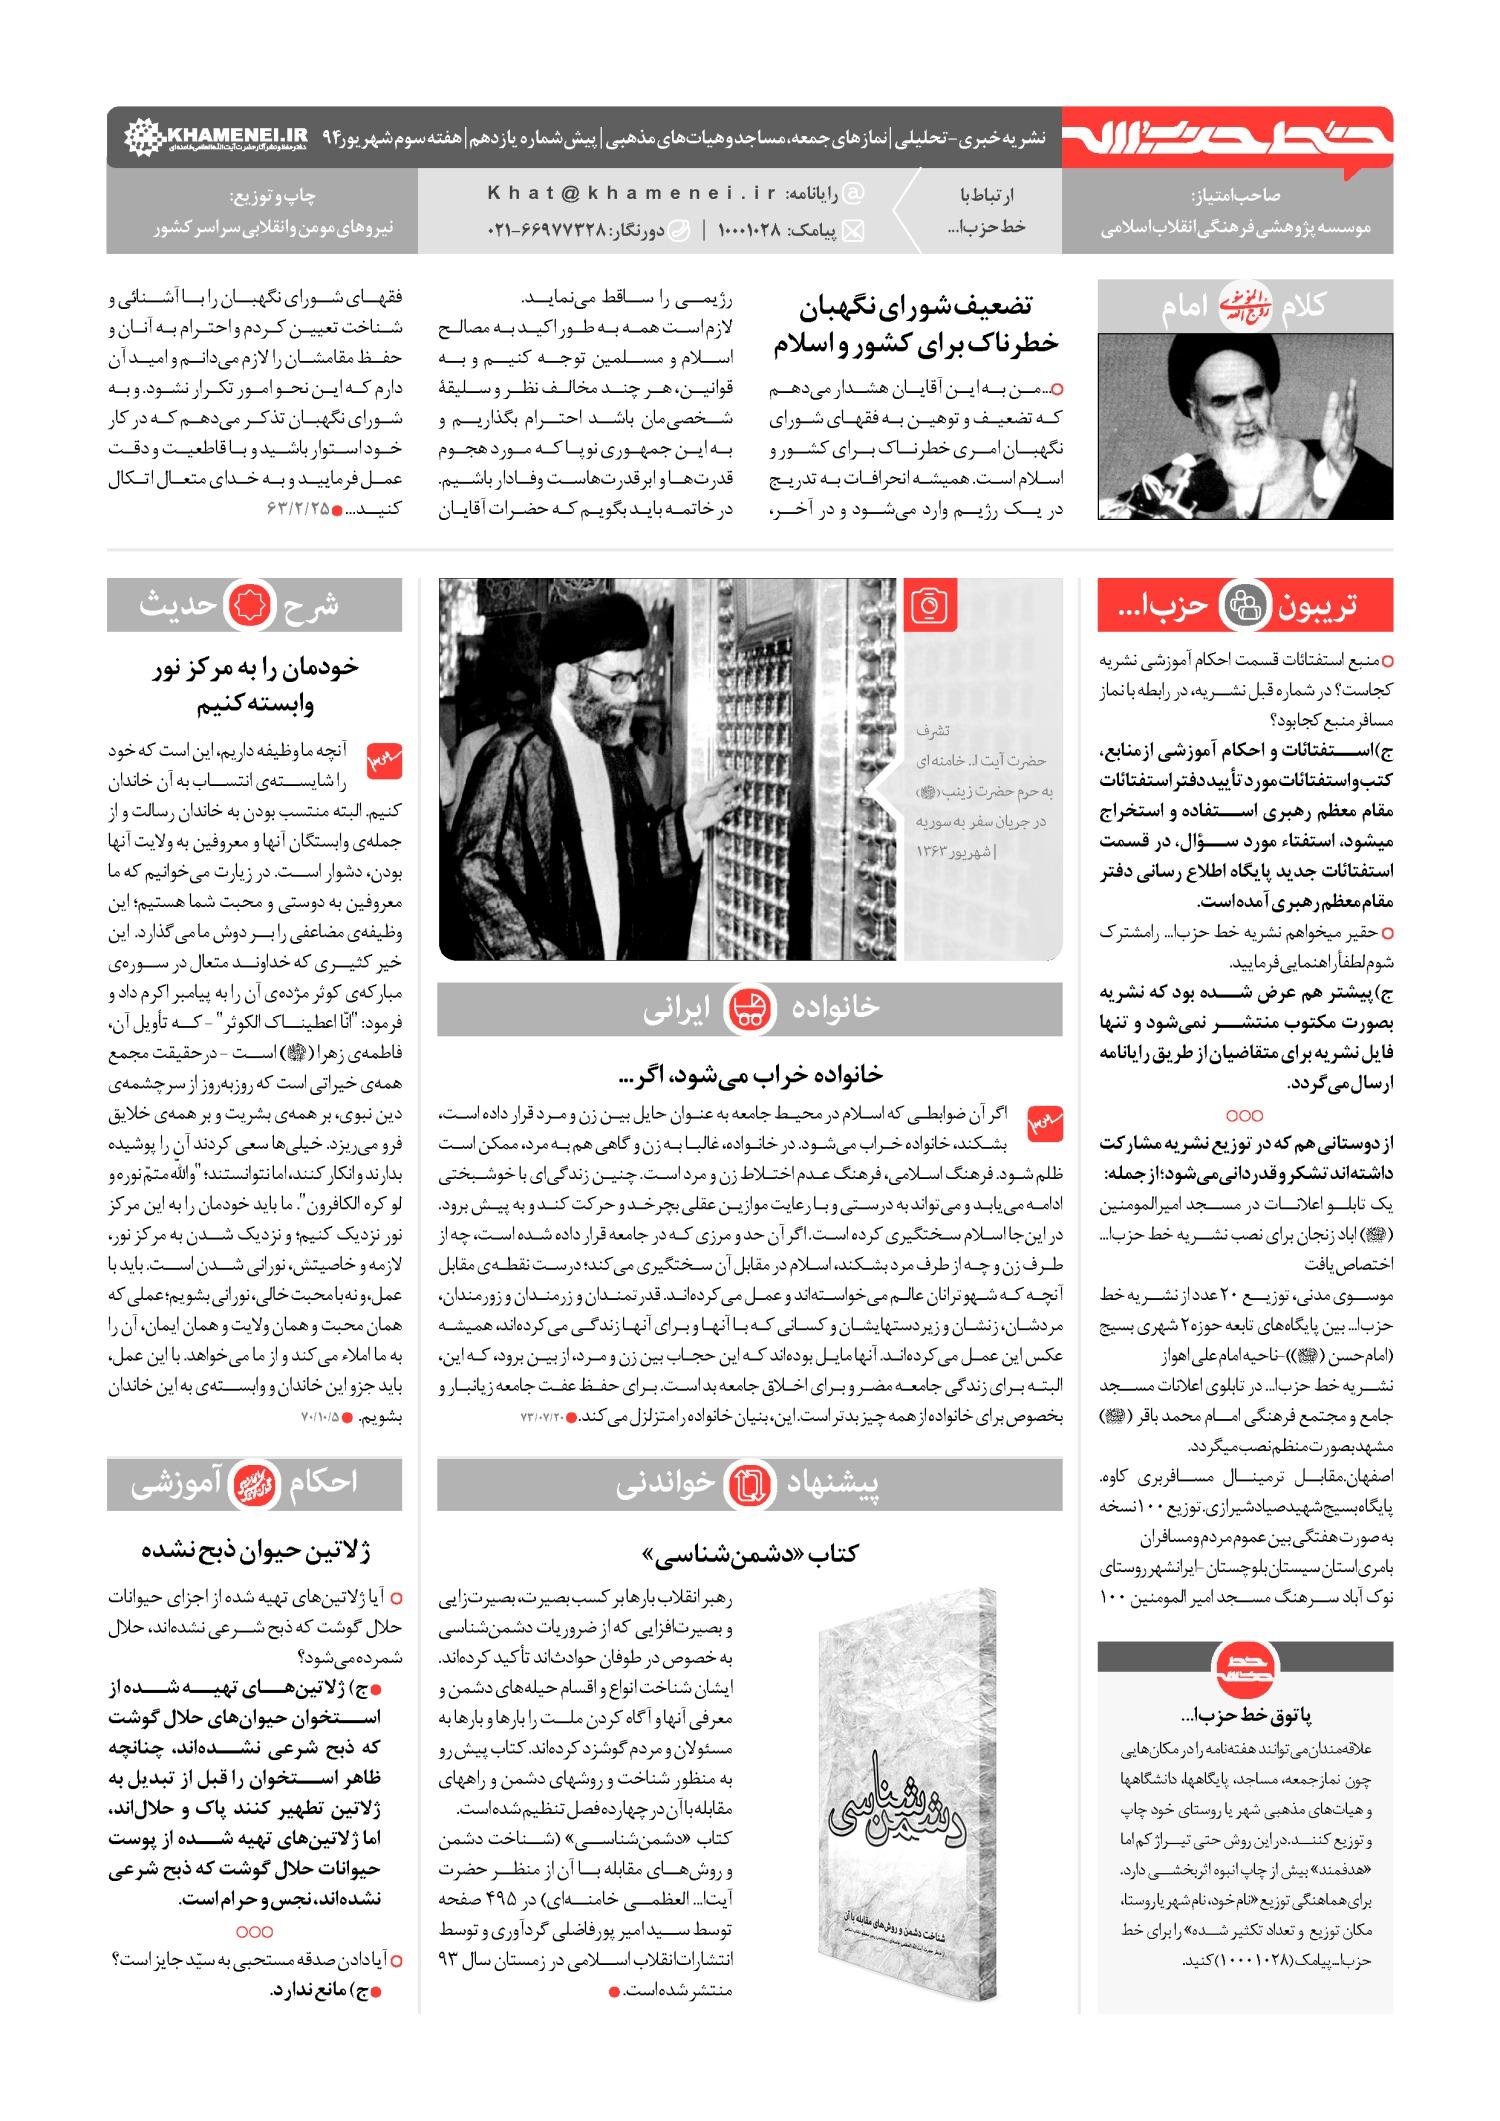 خط حزب الله -شماره پنجم خط حزب الله -پیش شماره یازدهم page large 413